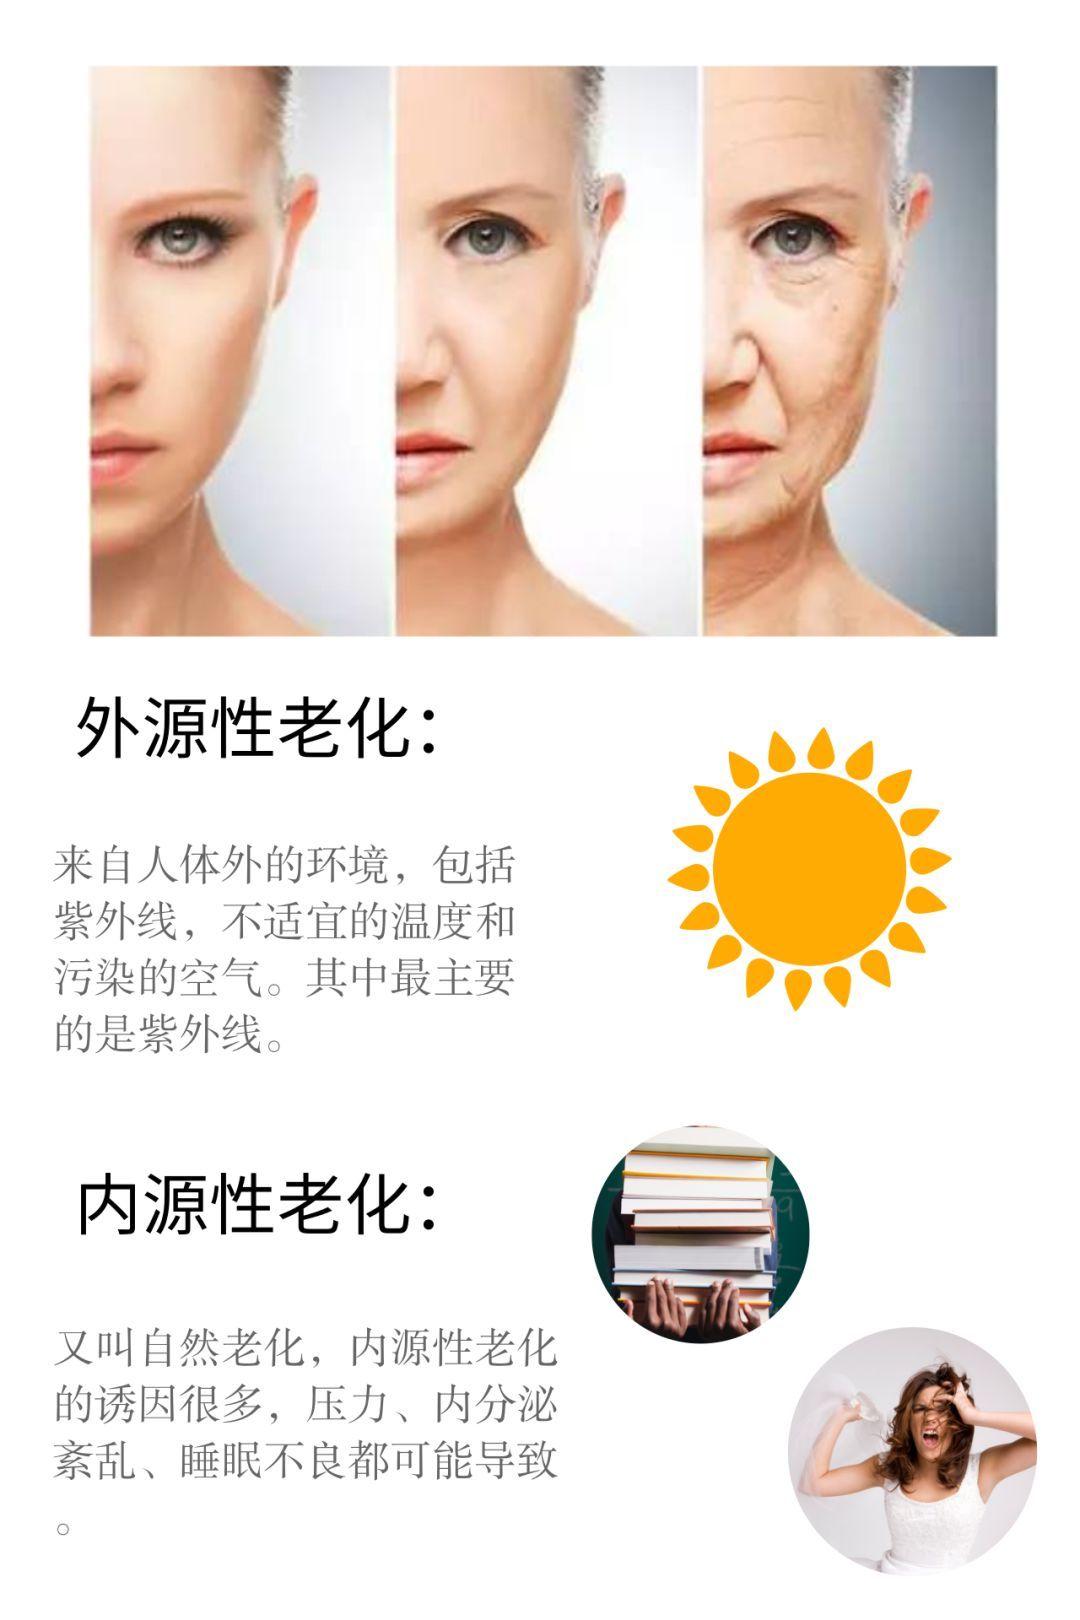 肌肤老化的原因